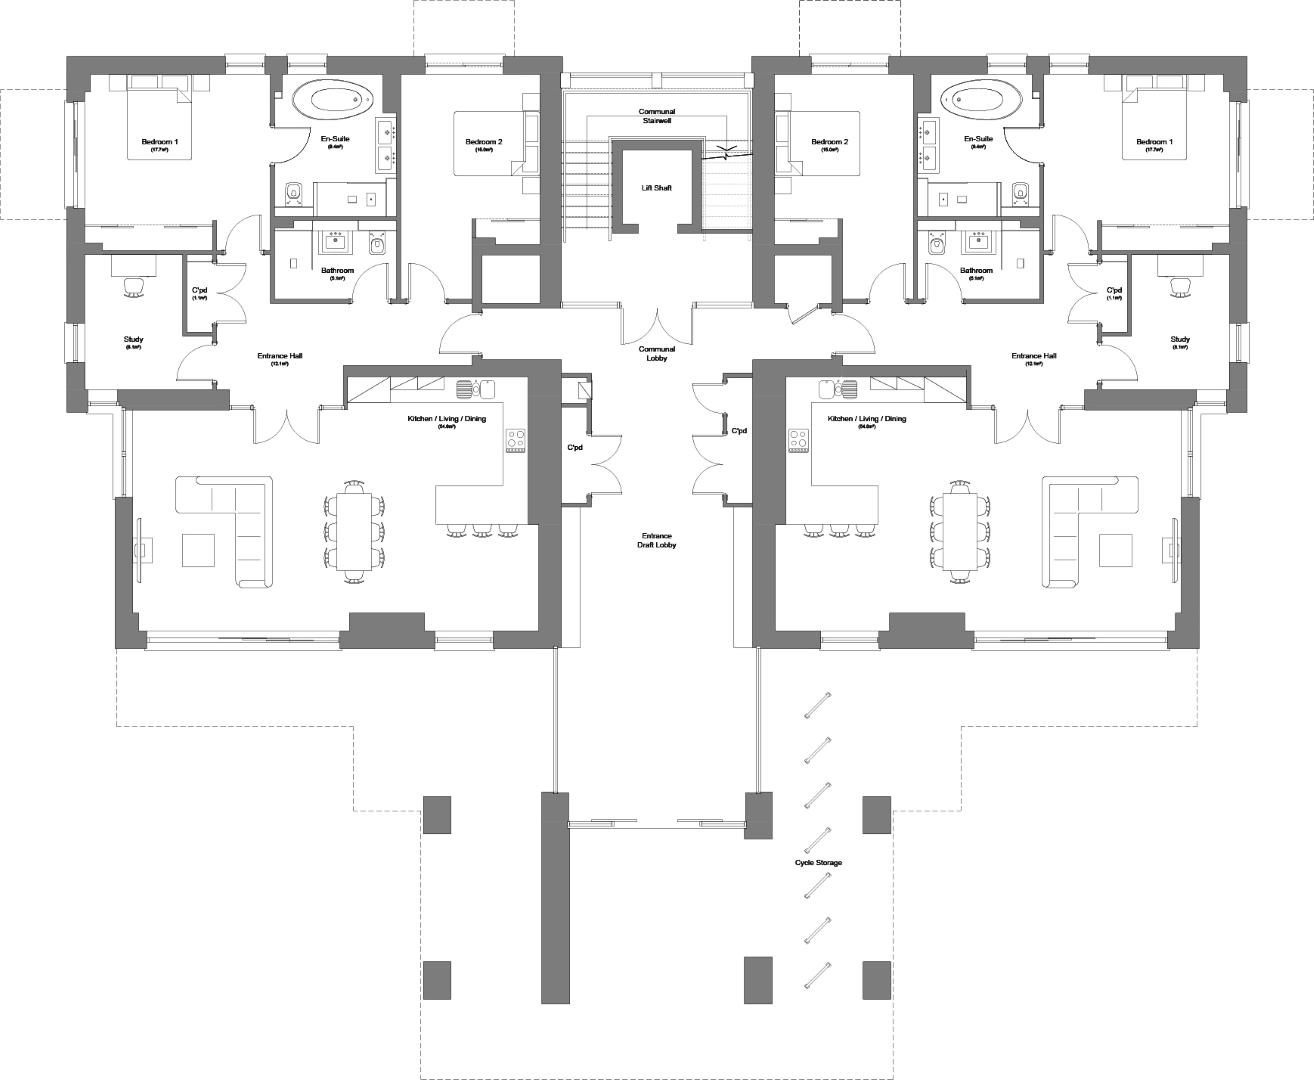 Sandgate Pavilions floorplan